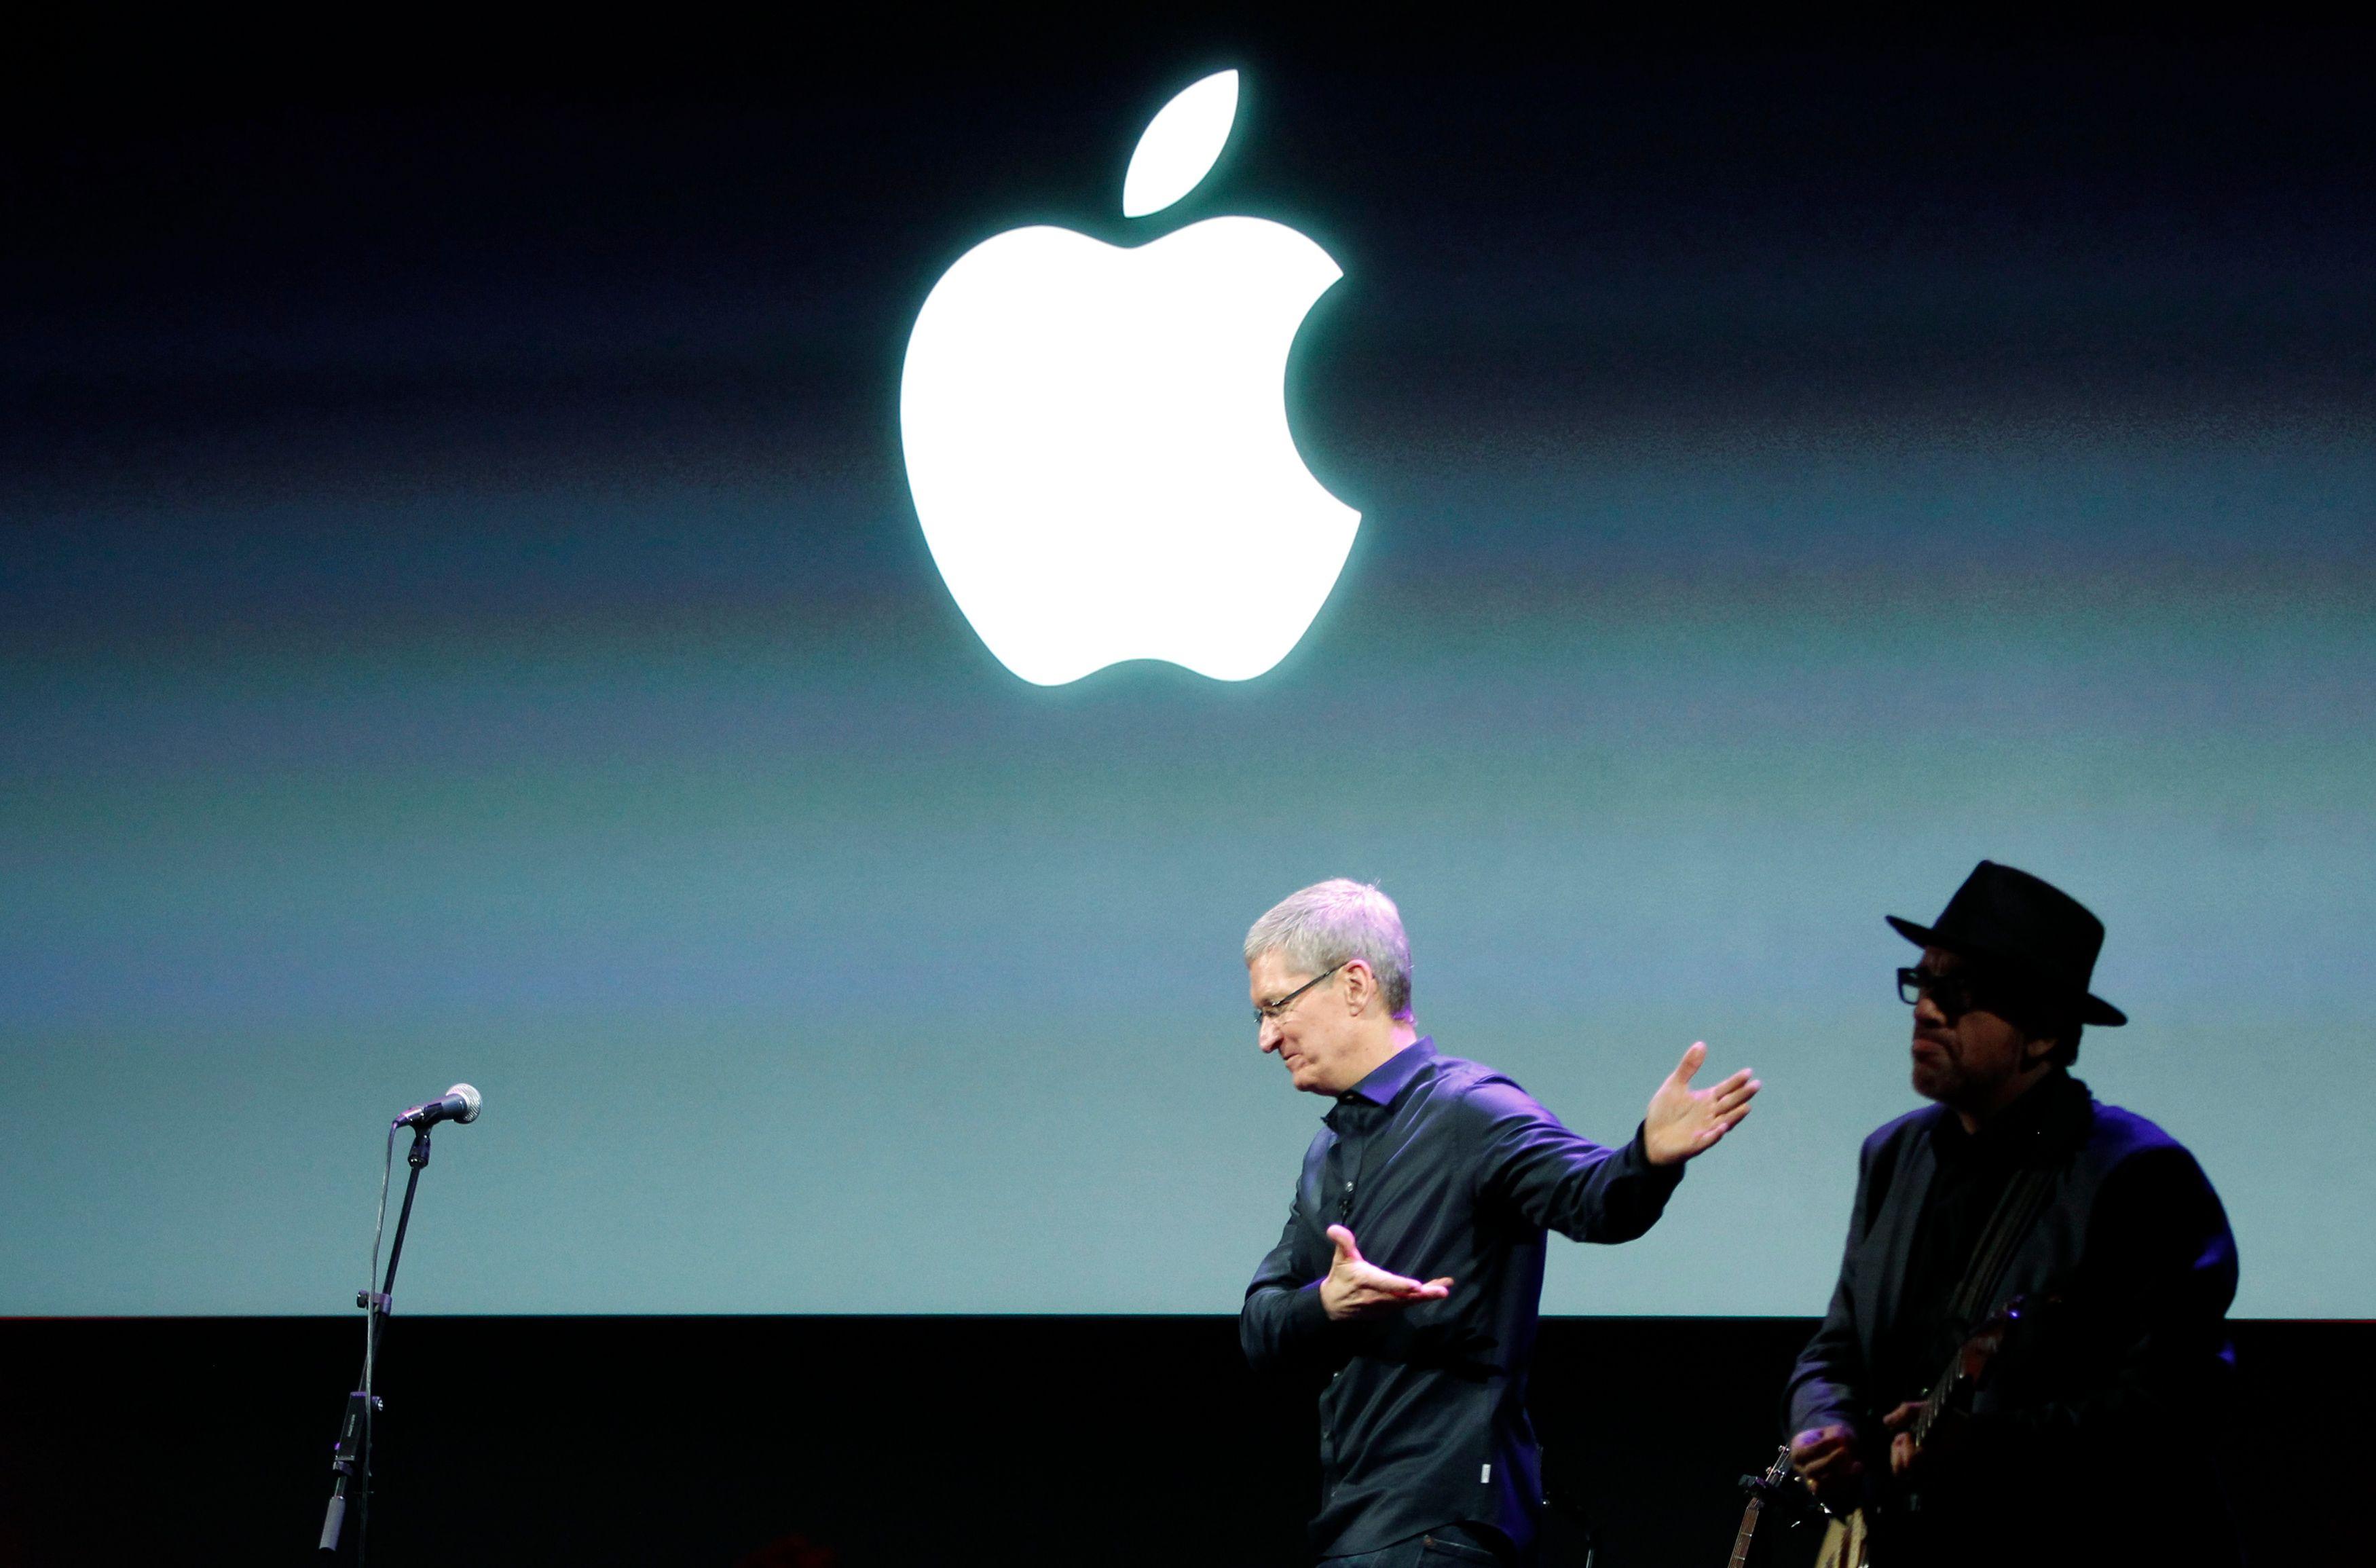 Apple, pas d'effet waouh : les fans n'y voient pas très clair dans la stratégie miracle